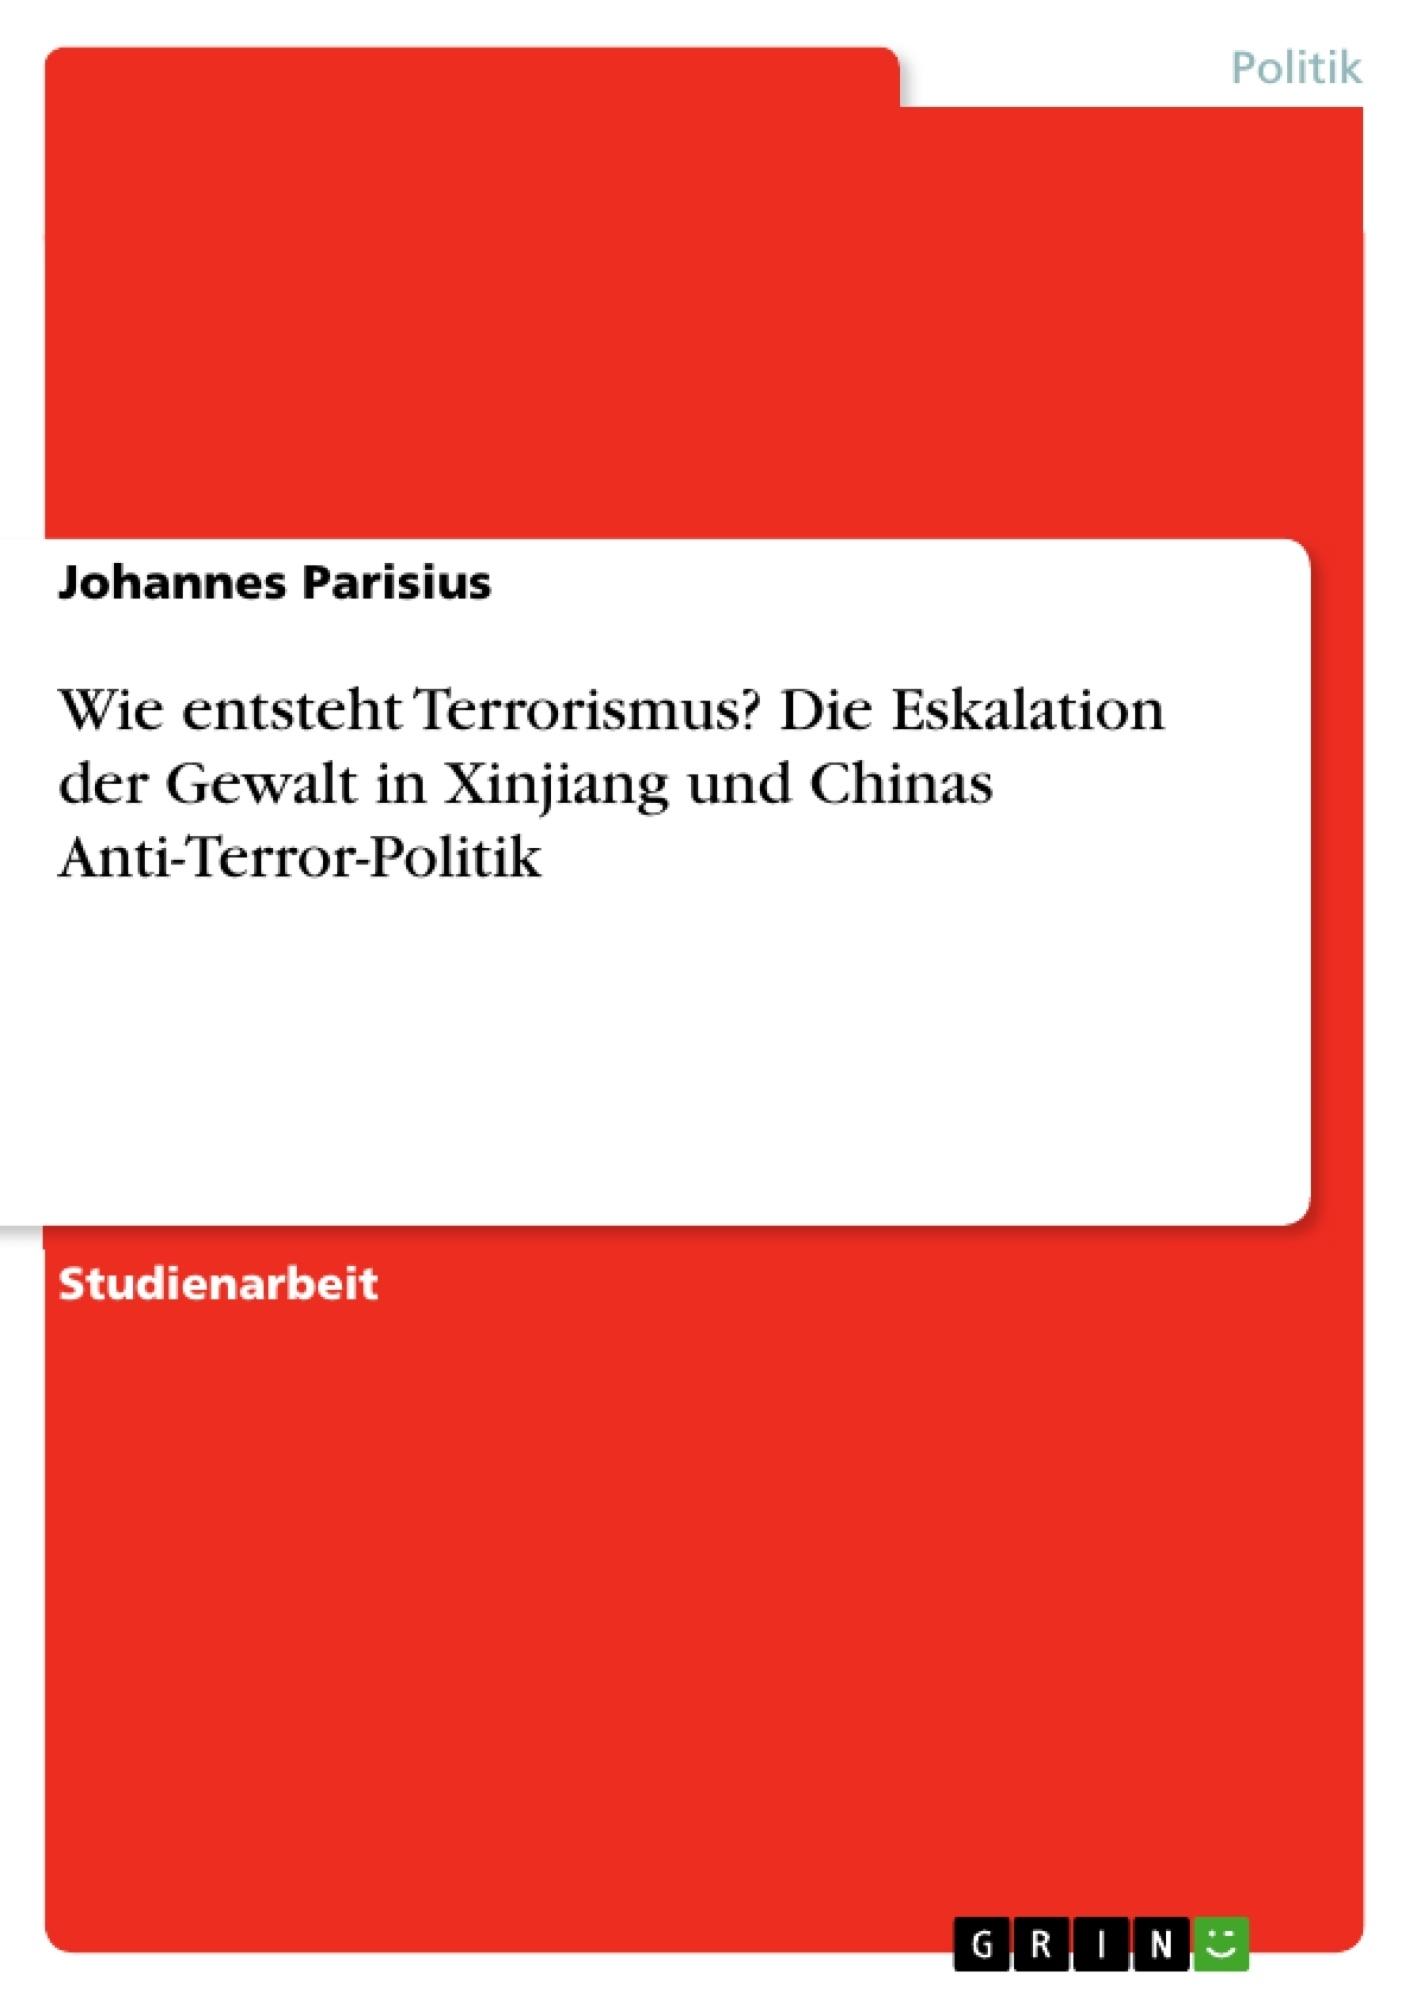 Titel: Wie entsteht Terrorismus? Die Eskalation der Gewalt in Xinjiang und Chinas Anti-Terror-Politik